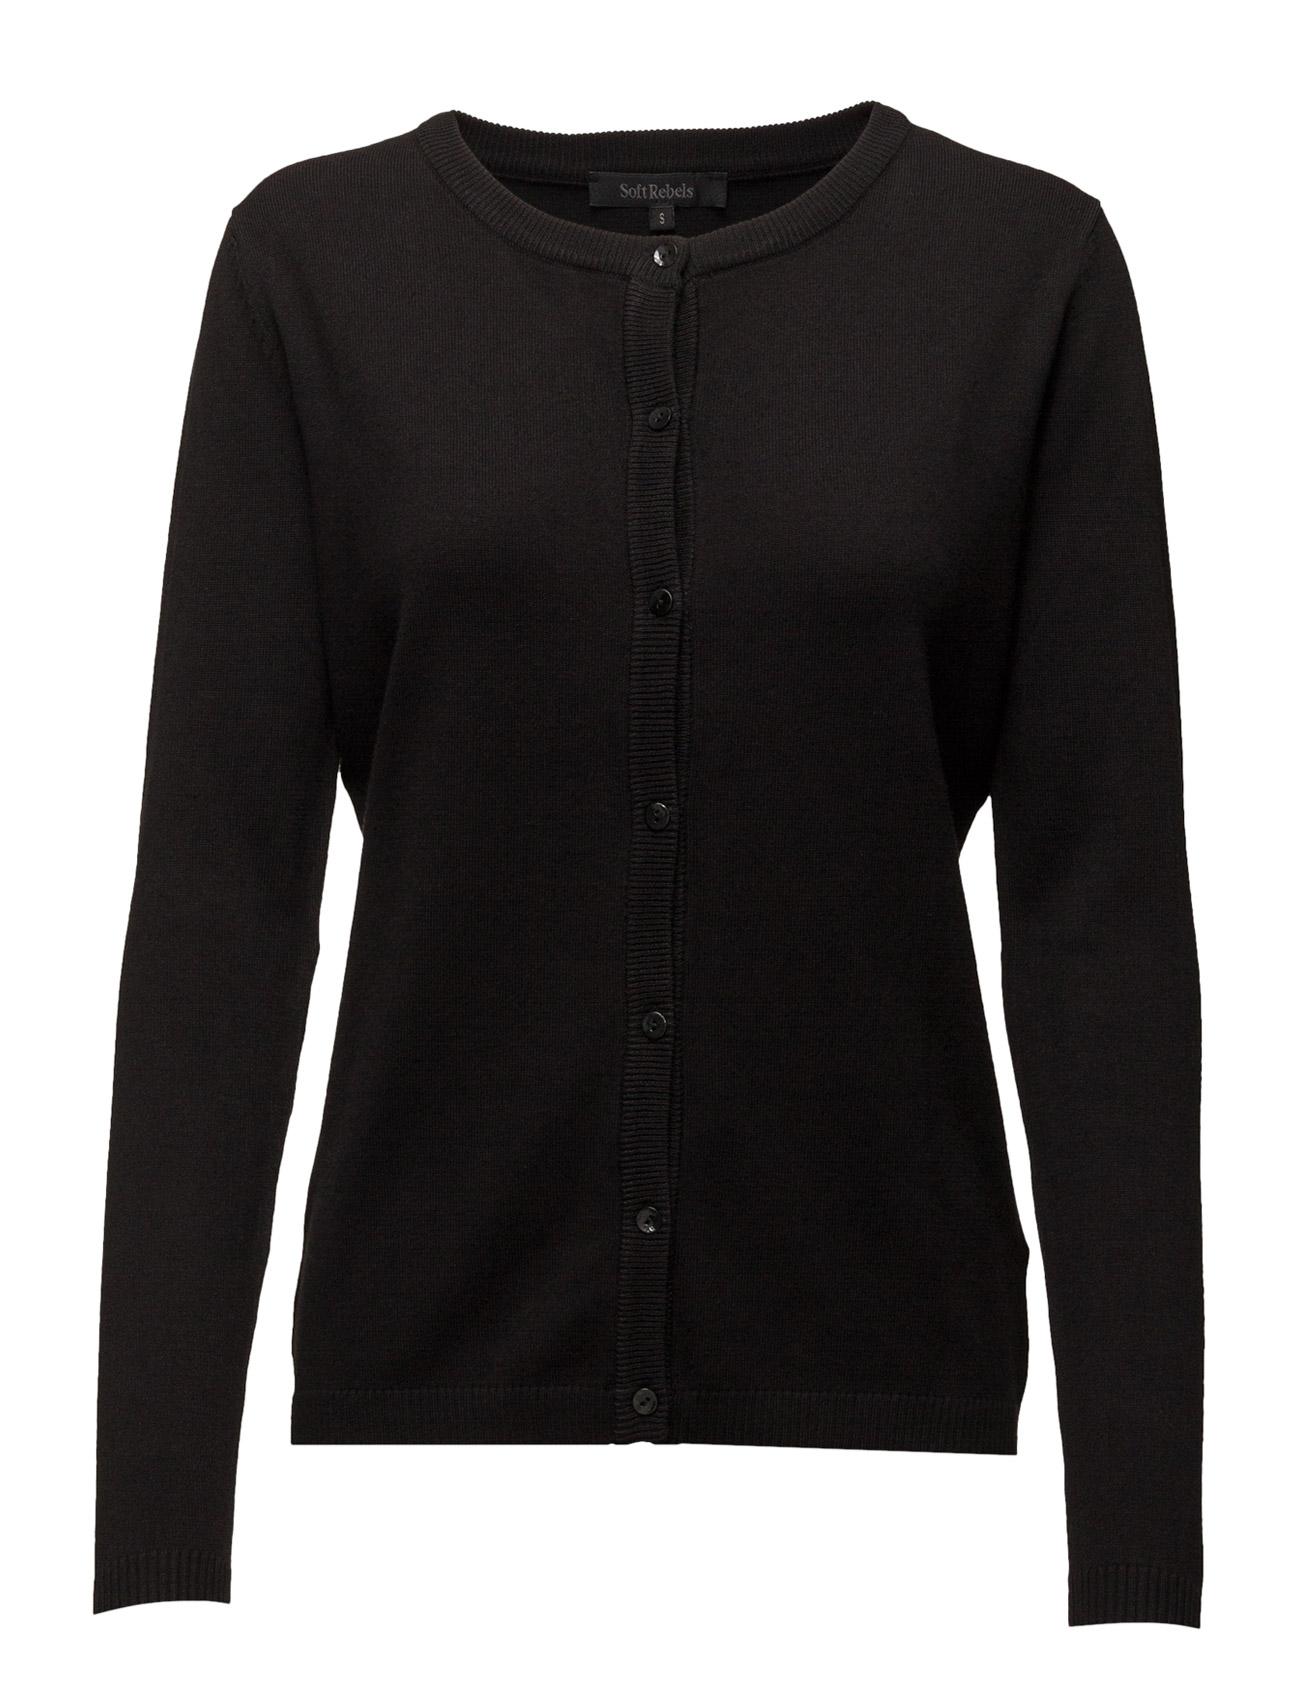 Zara Cardigan O-Neck Soft Rebels Cardigans til Damer i 001 Black